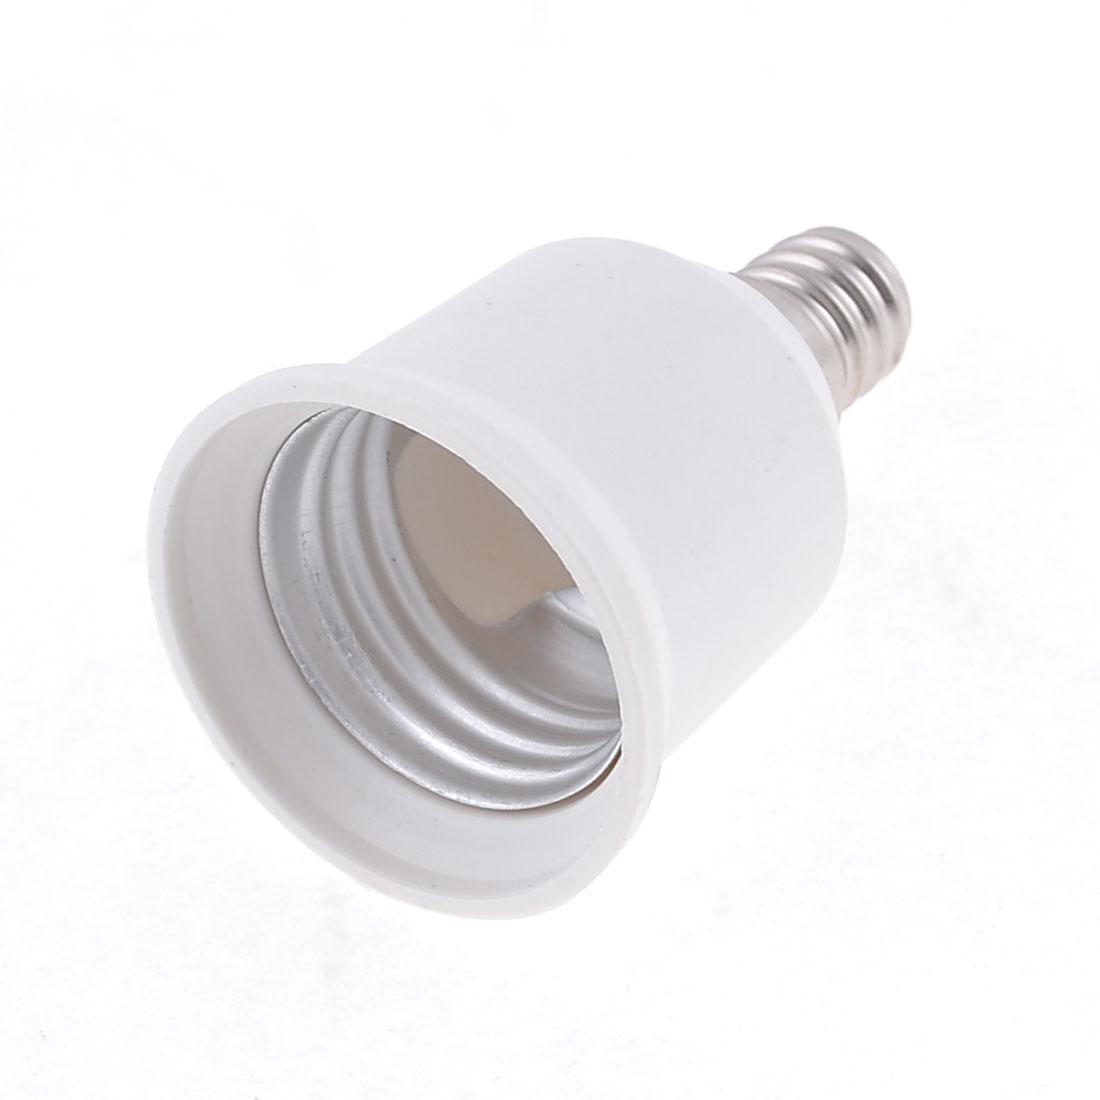 E27 to E14 Base LED Halogen Light Lamp Bulb Socket Adapter Holder